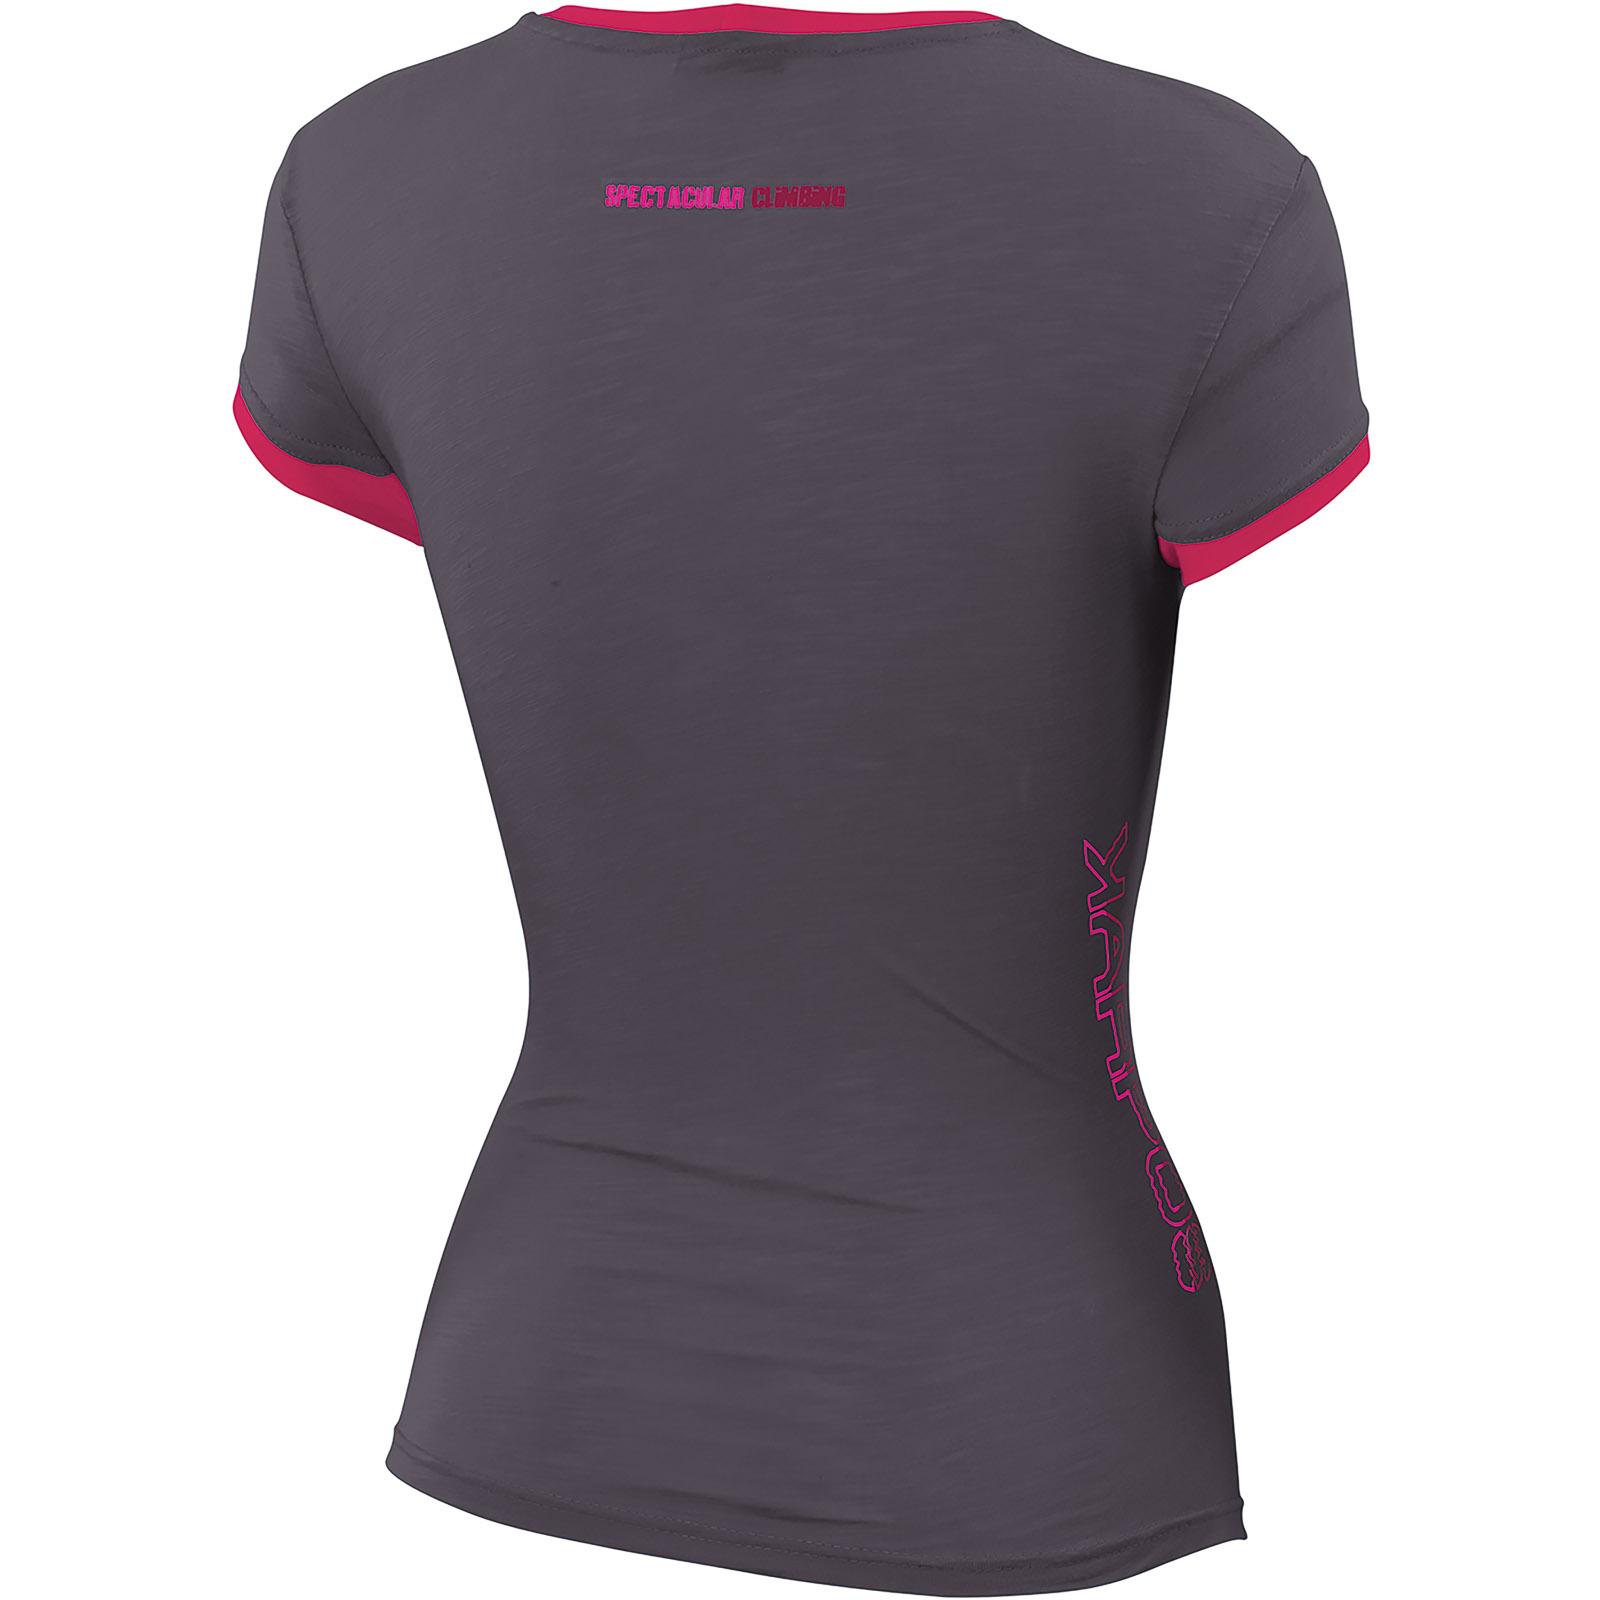 a042da5cd4f8 Karpos PROFILI LITE Dámske tričko tmavosivé ružové. Pre absolútny zážitok  prosím použite prehliadač s javascriptom